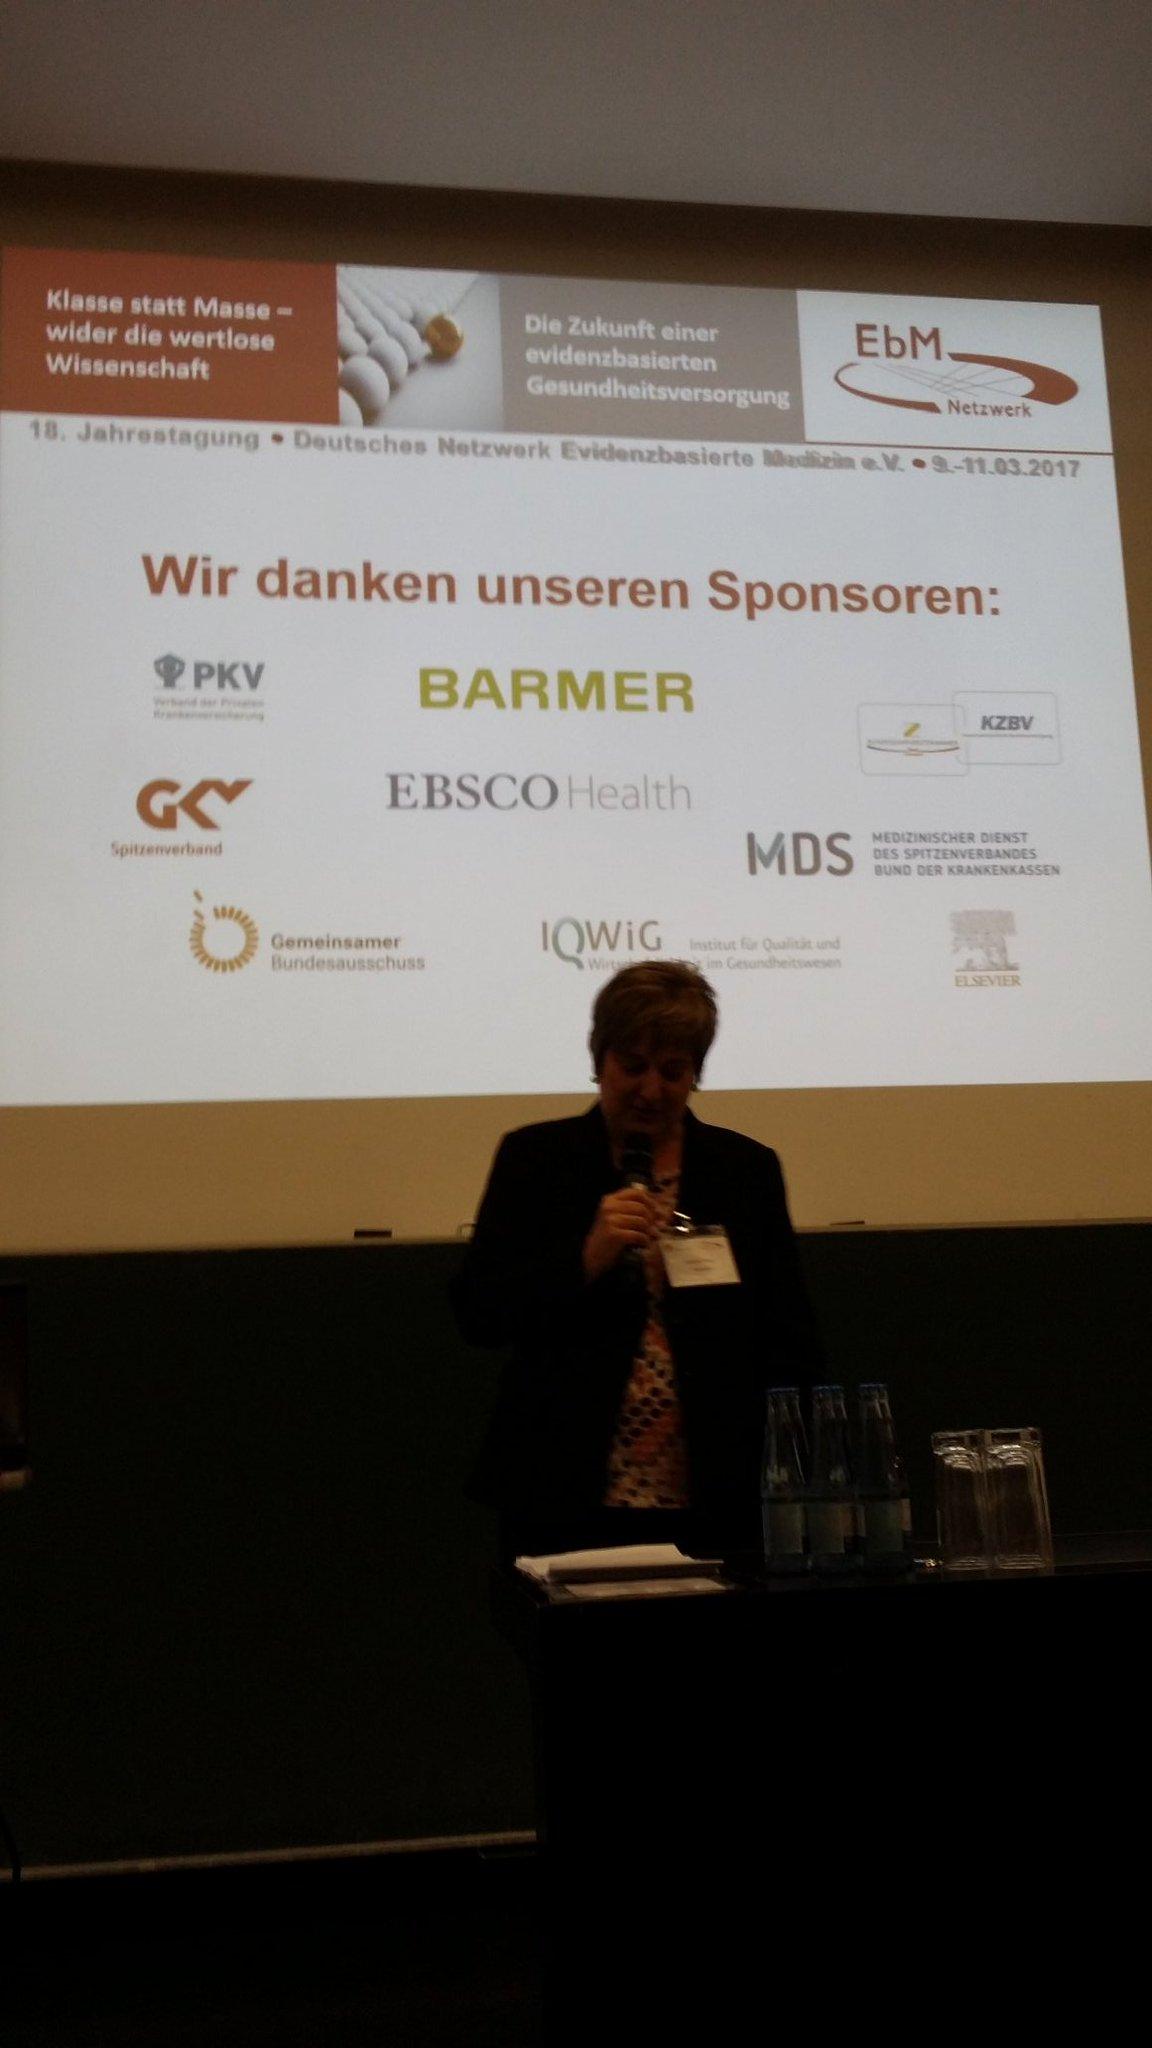 Start des  EbM Kongresses mit ZEFQ Symposium und kleinem Fruehstueck m Hoersaal #dnebm17 https://t.co/wGNpiJtpFr